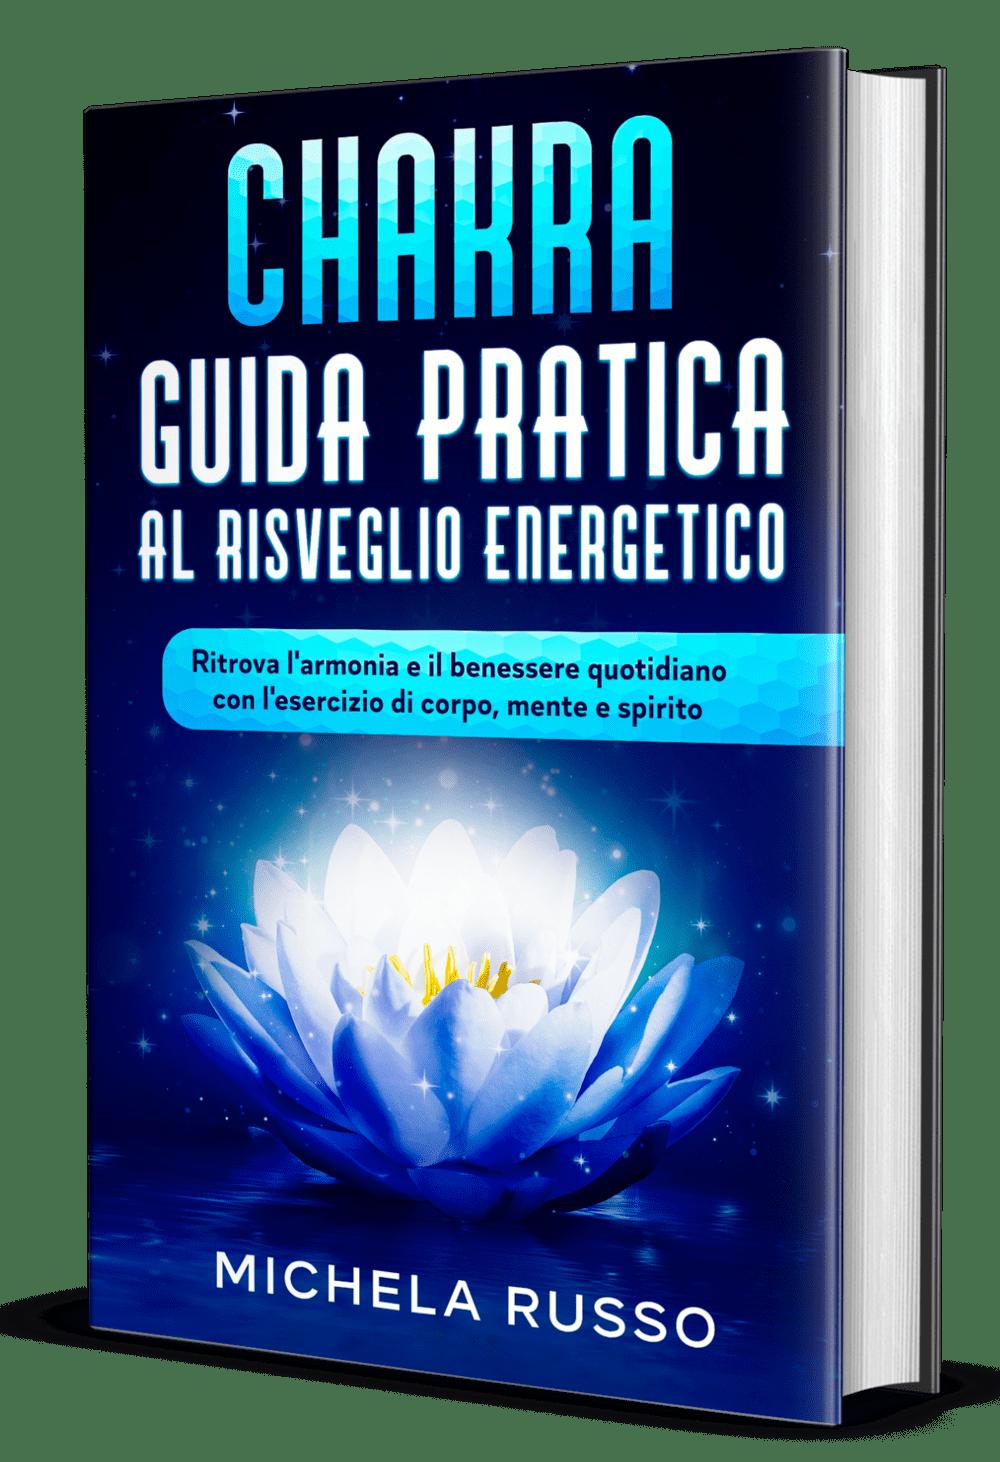 Chakra Guida Pratica al Risveglio Energetico di Michela Russo